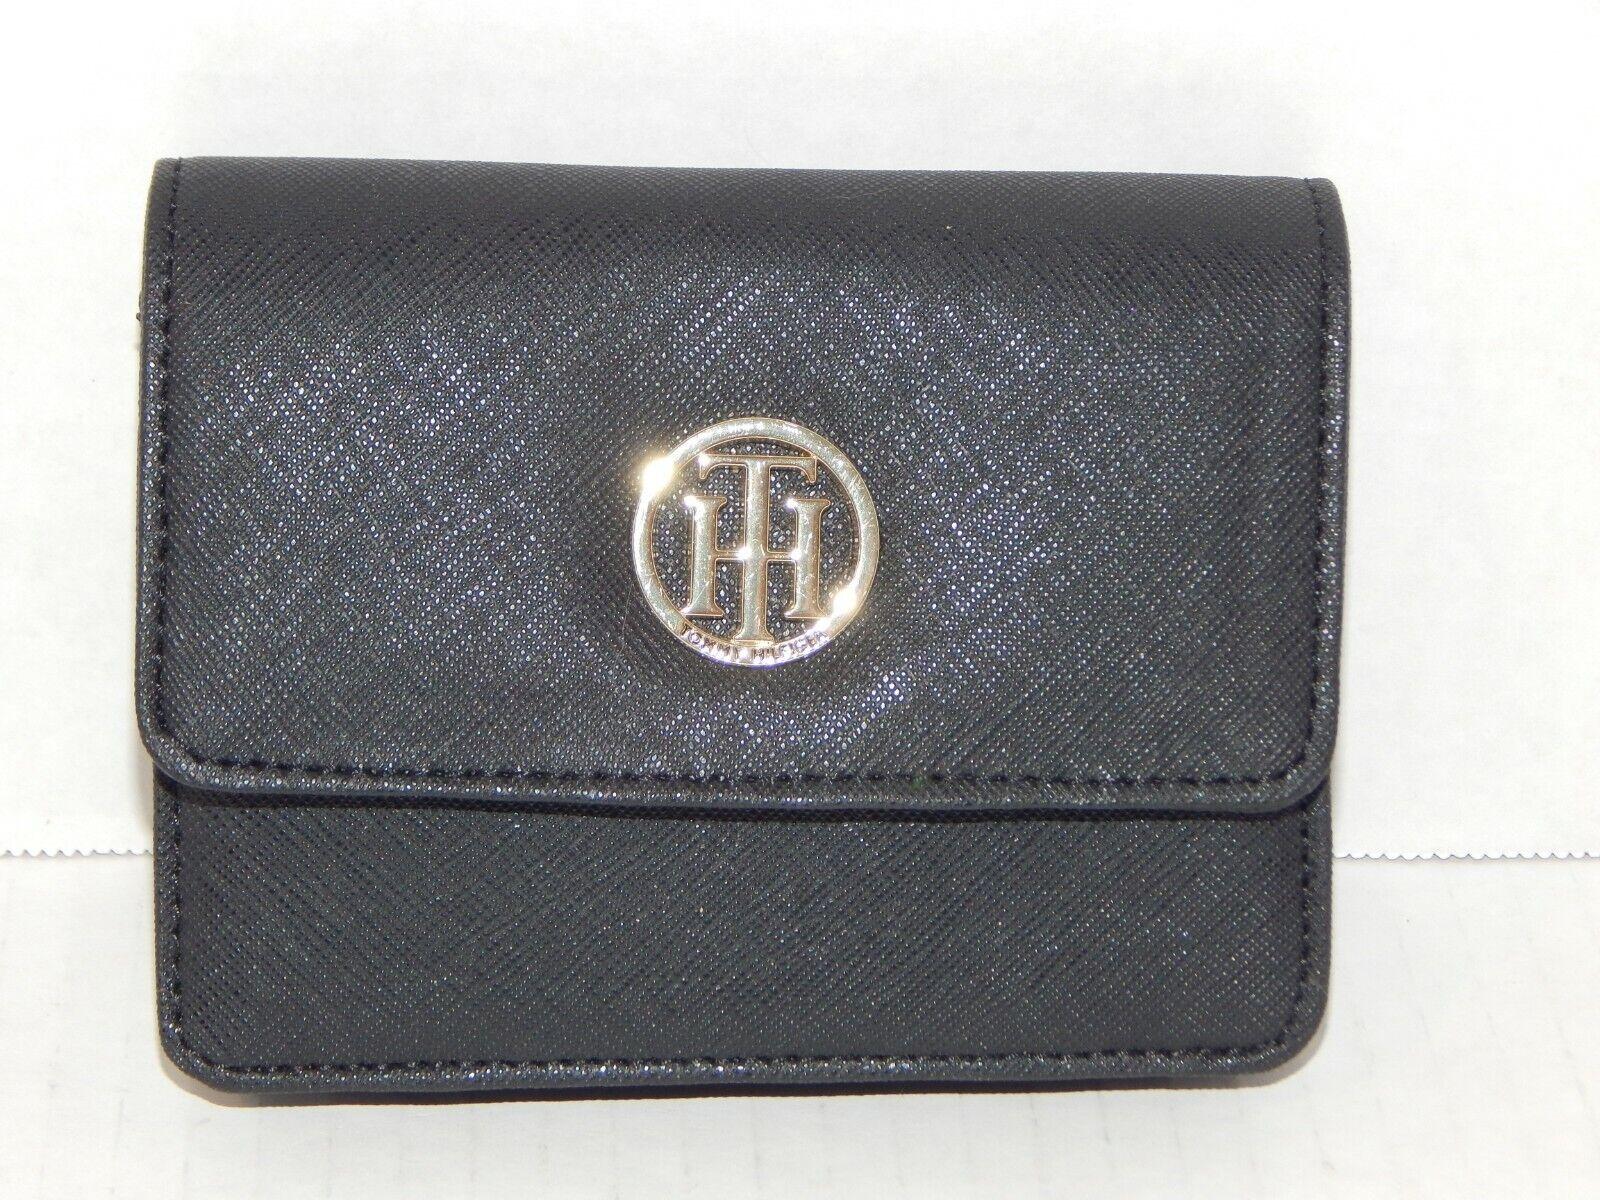 Medium Black Bi-Fold Leather Wallet w/ Gold Logo - TOMMY HILFIGER - NWOT